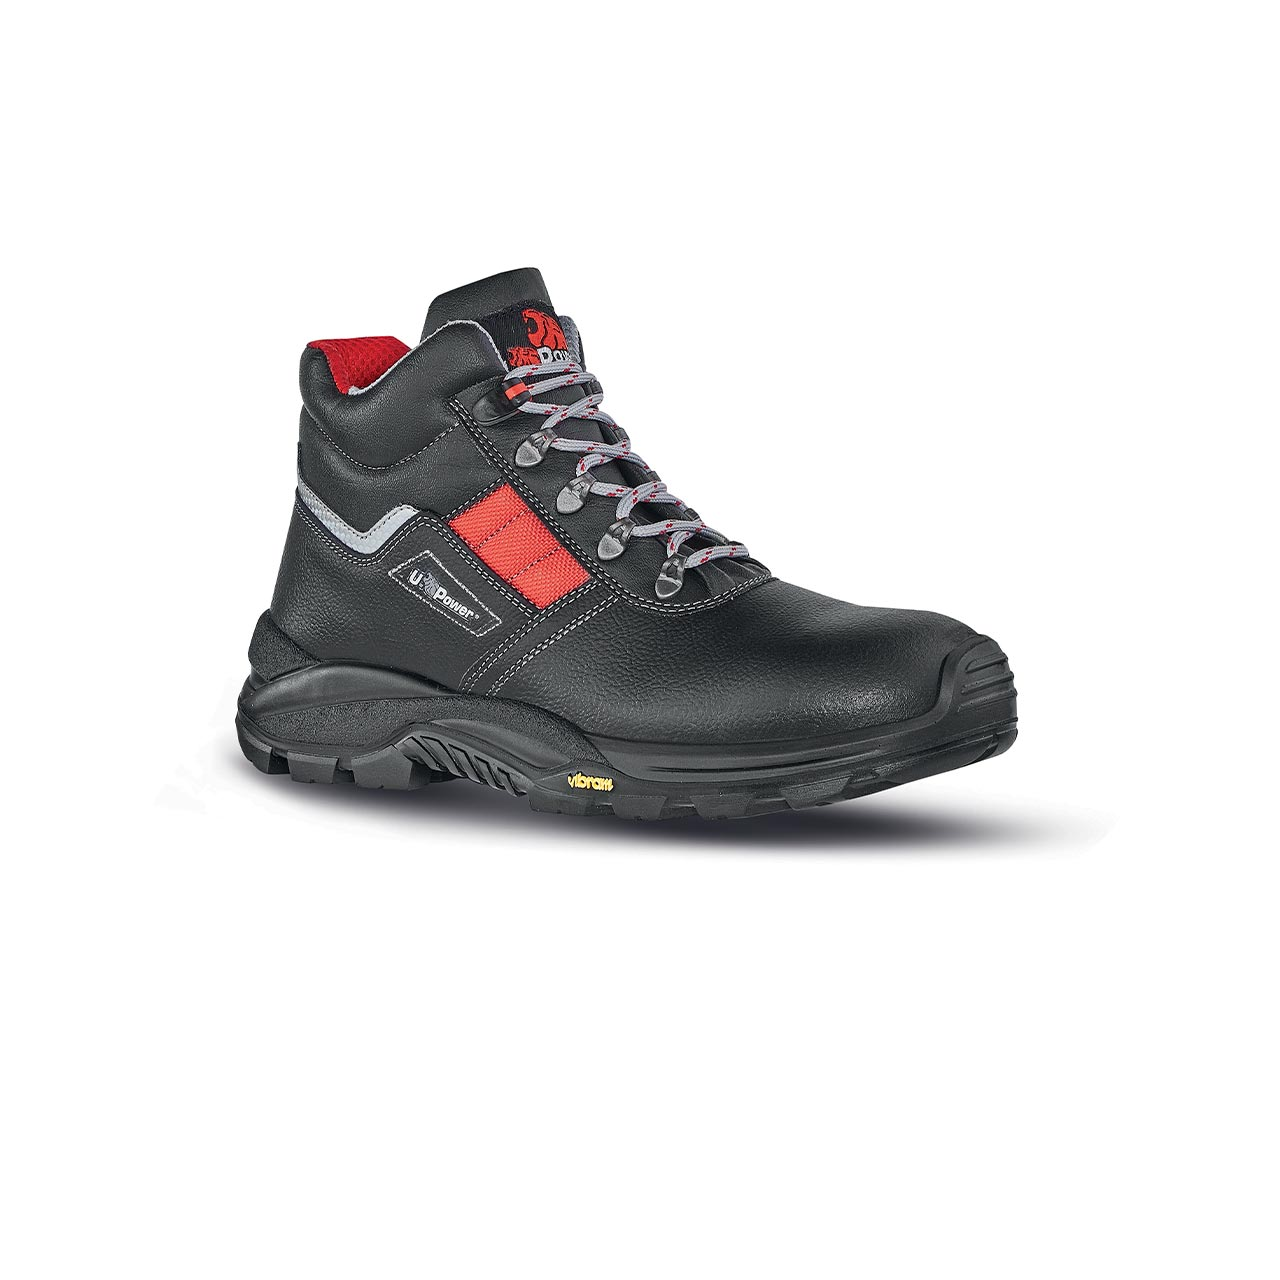 scarpa antinfortunistica upower modello gravel linea conceptplus vista laterale